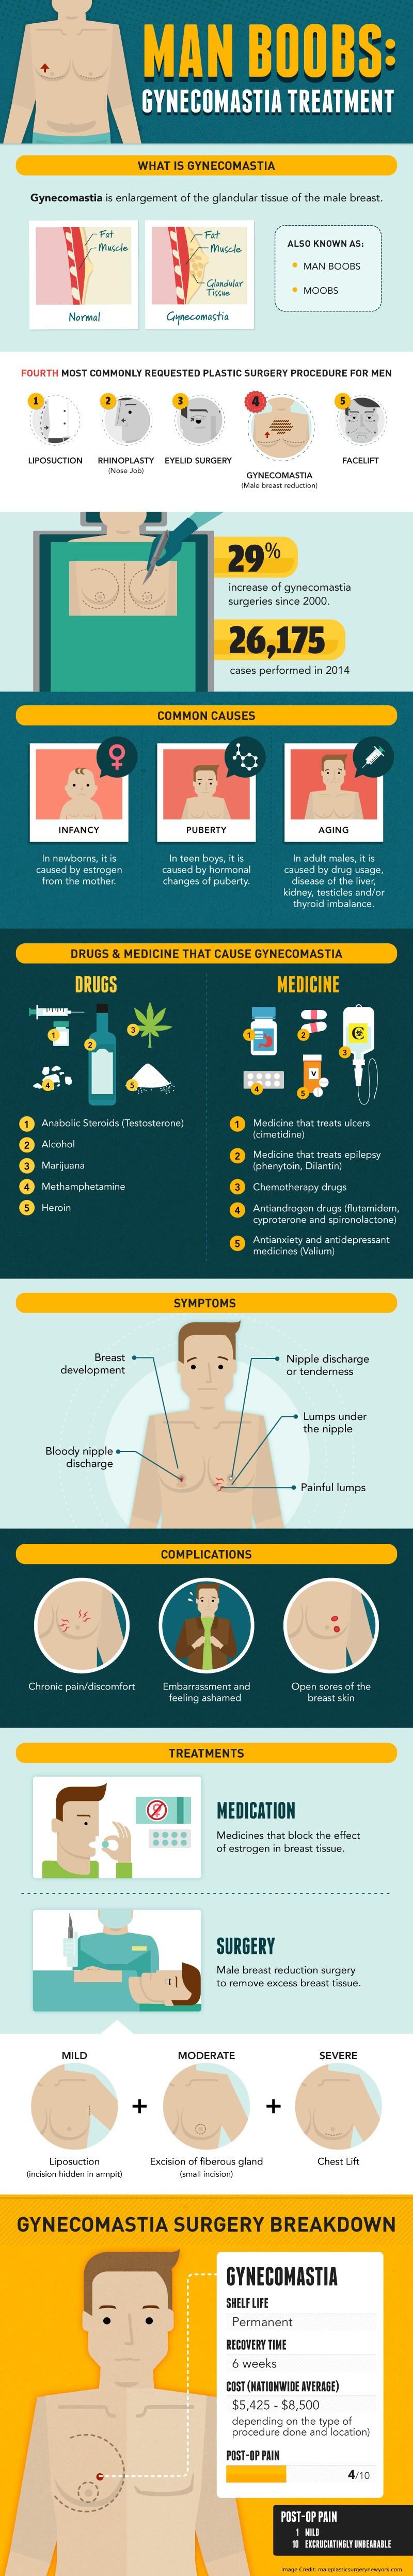 Gynecomastia Info